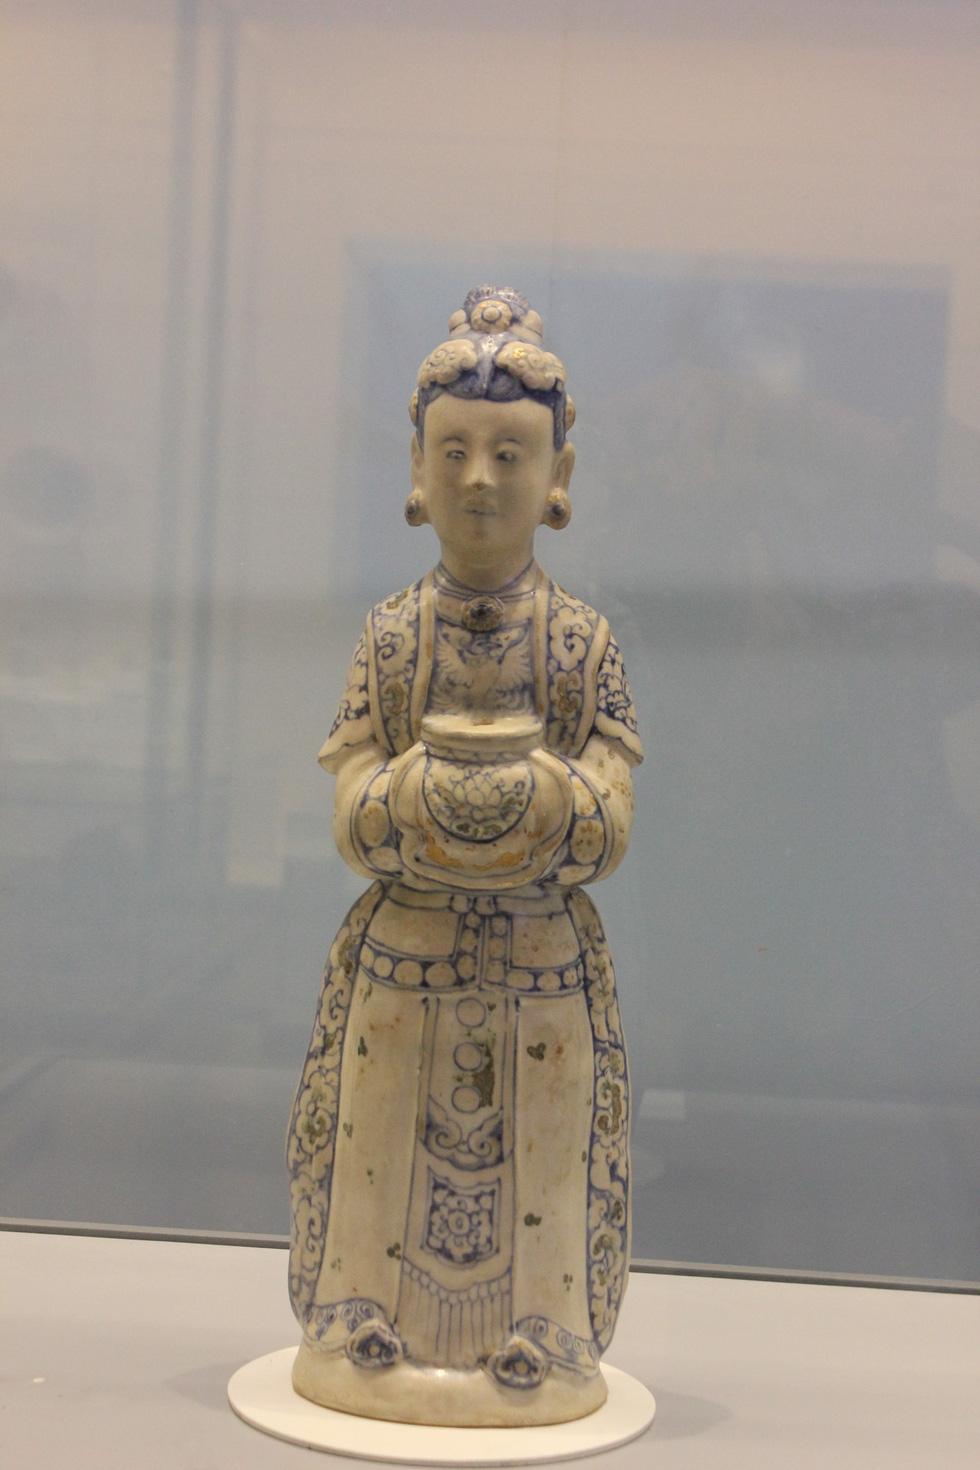 Bí ẩn về người phụ nữ trẻ trên con tàu cổ bị đắm ở Cù Lao Chàm - Ảnh 10.